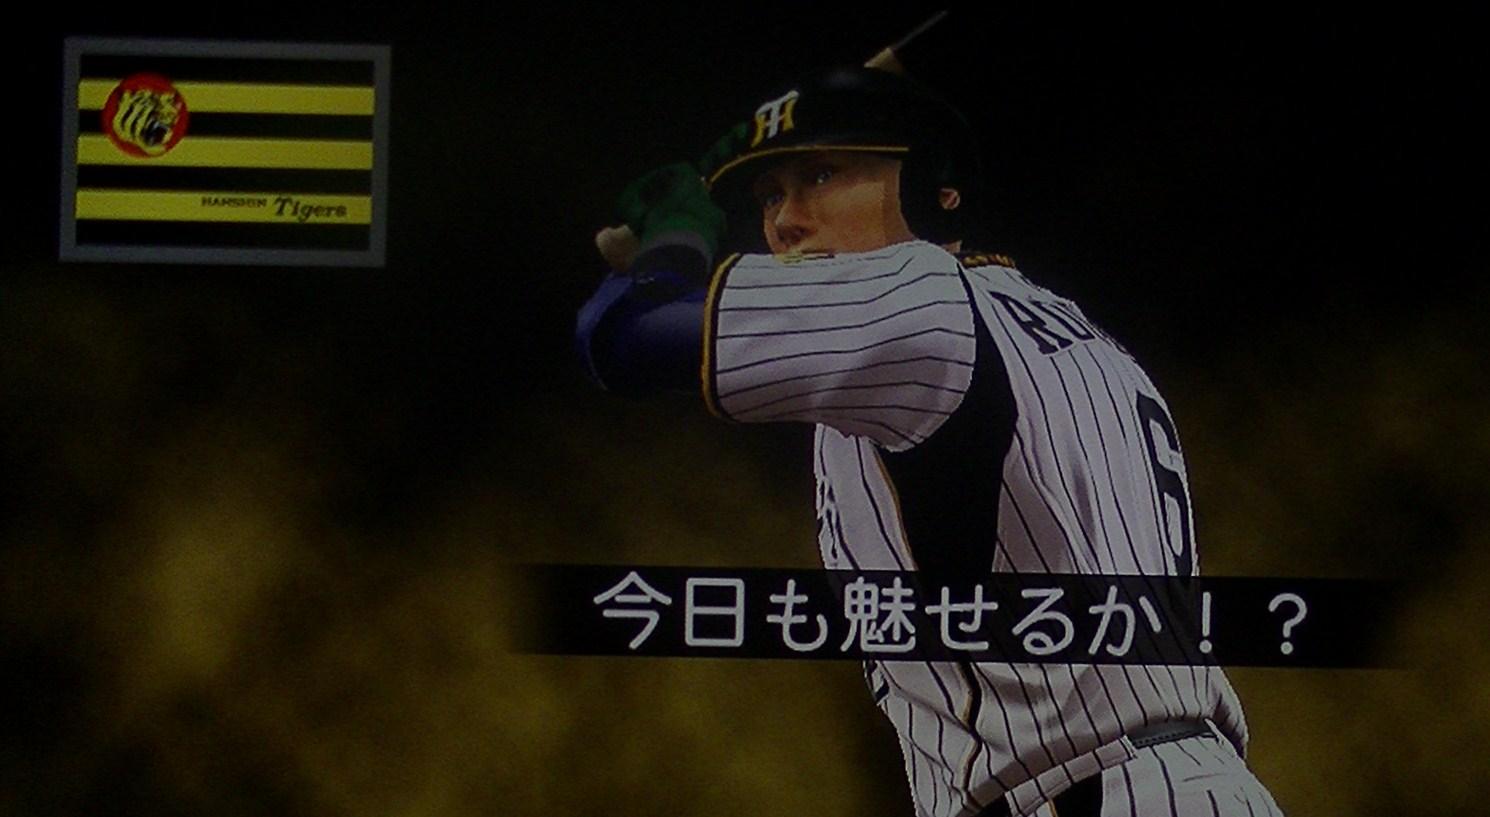 プロスピ2013H25.5.23ロッテ2回戦 002